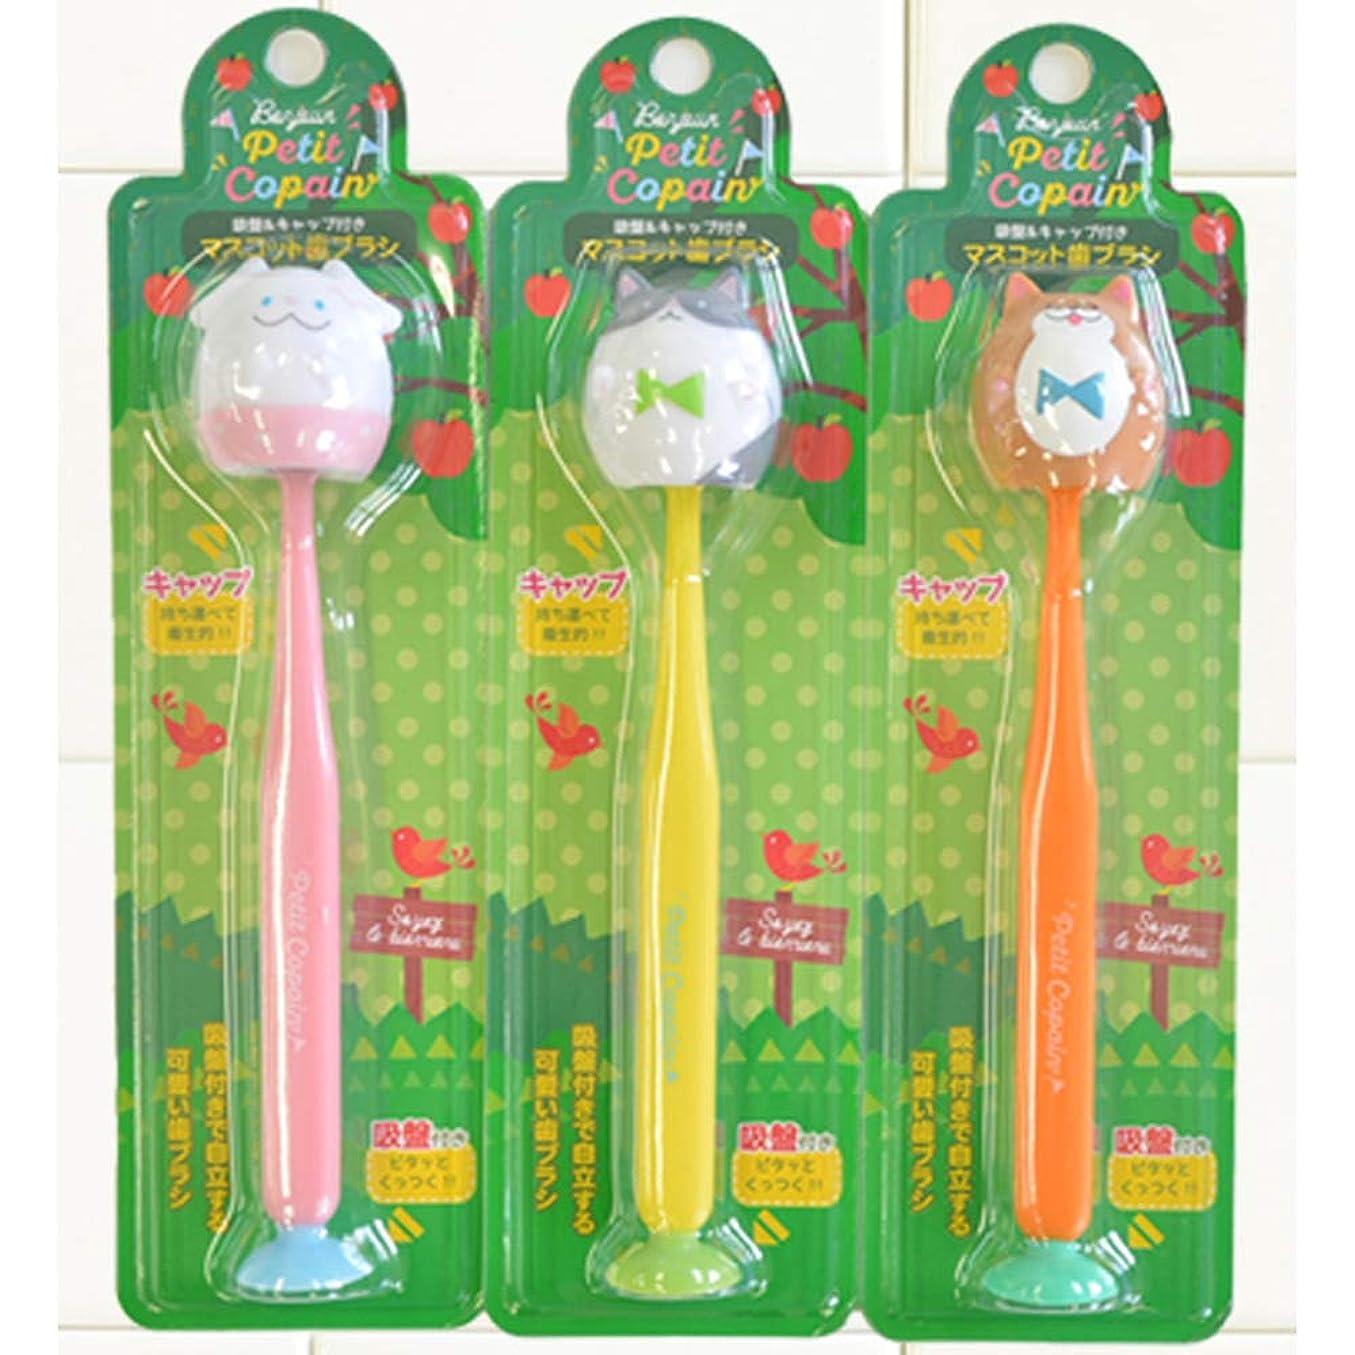 満州悲劇自動的にプティコパン 吸盤付き歯ブラシ 3本セット(ウサギ?ネコ?シバイヌ)